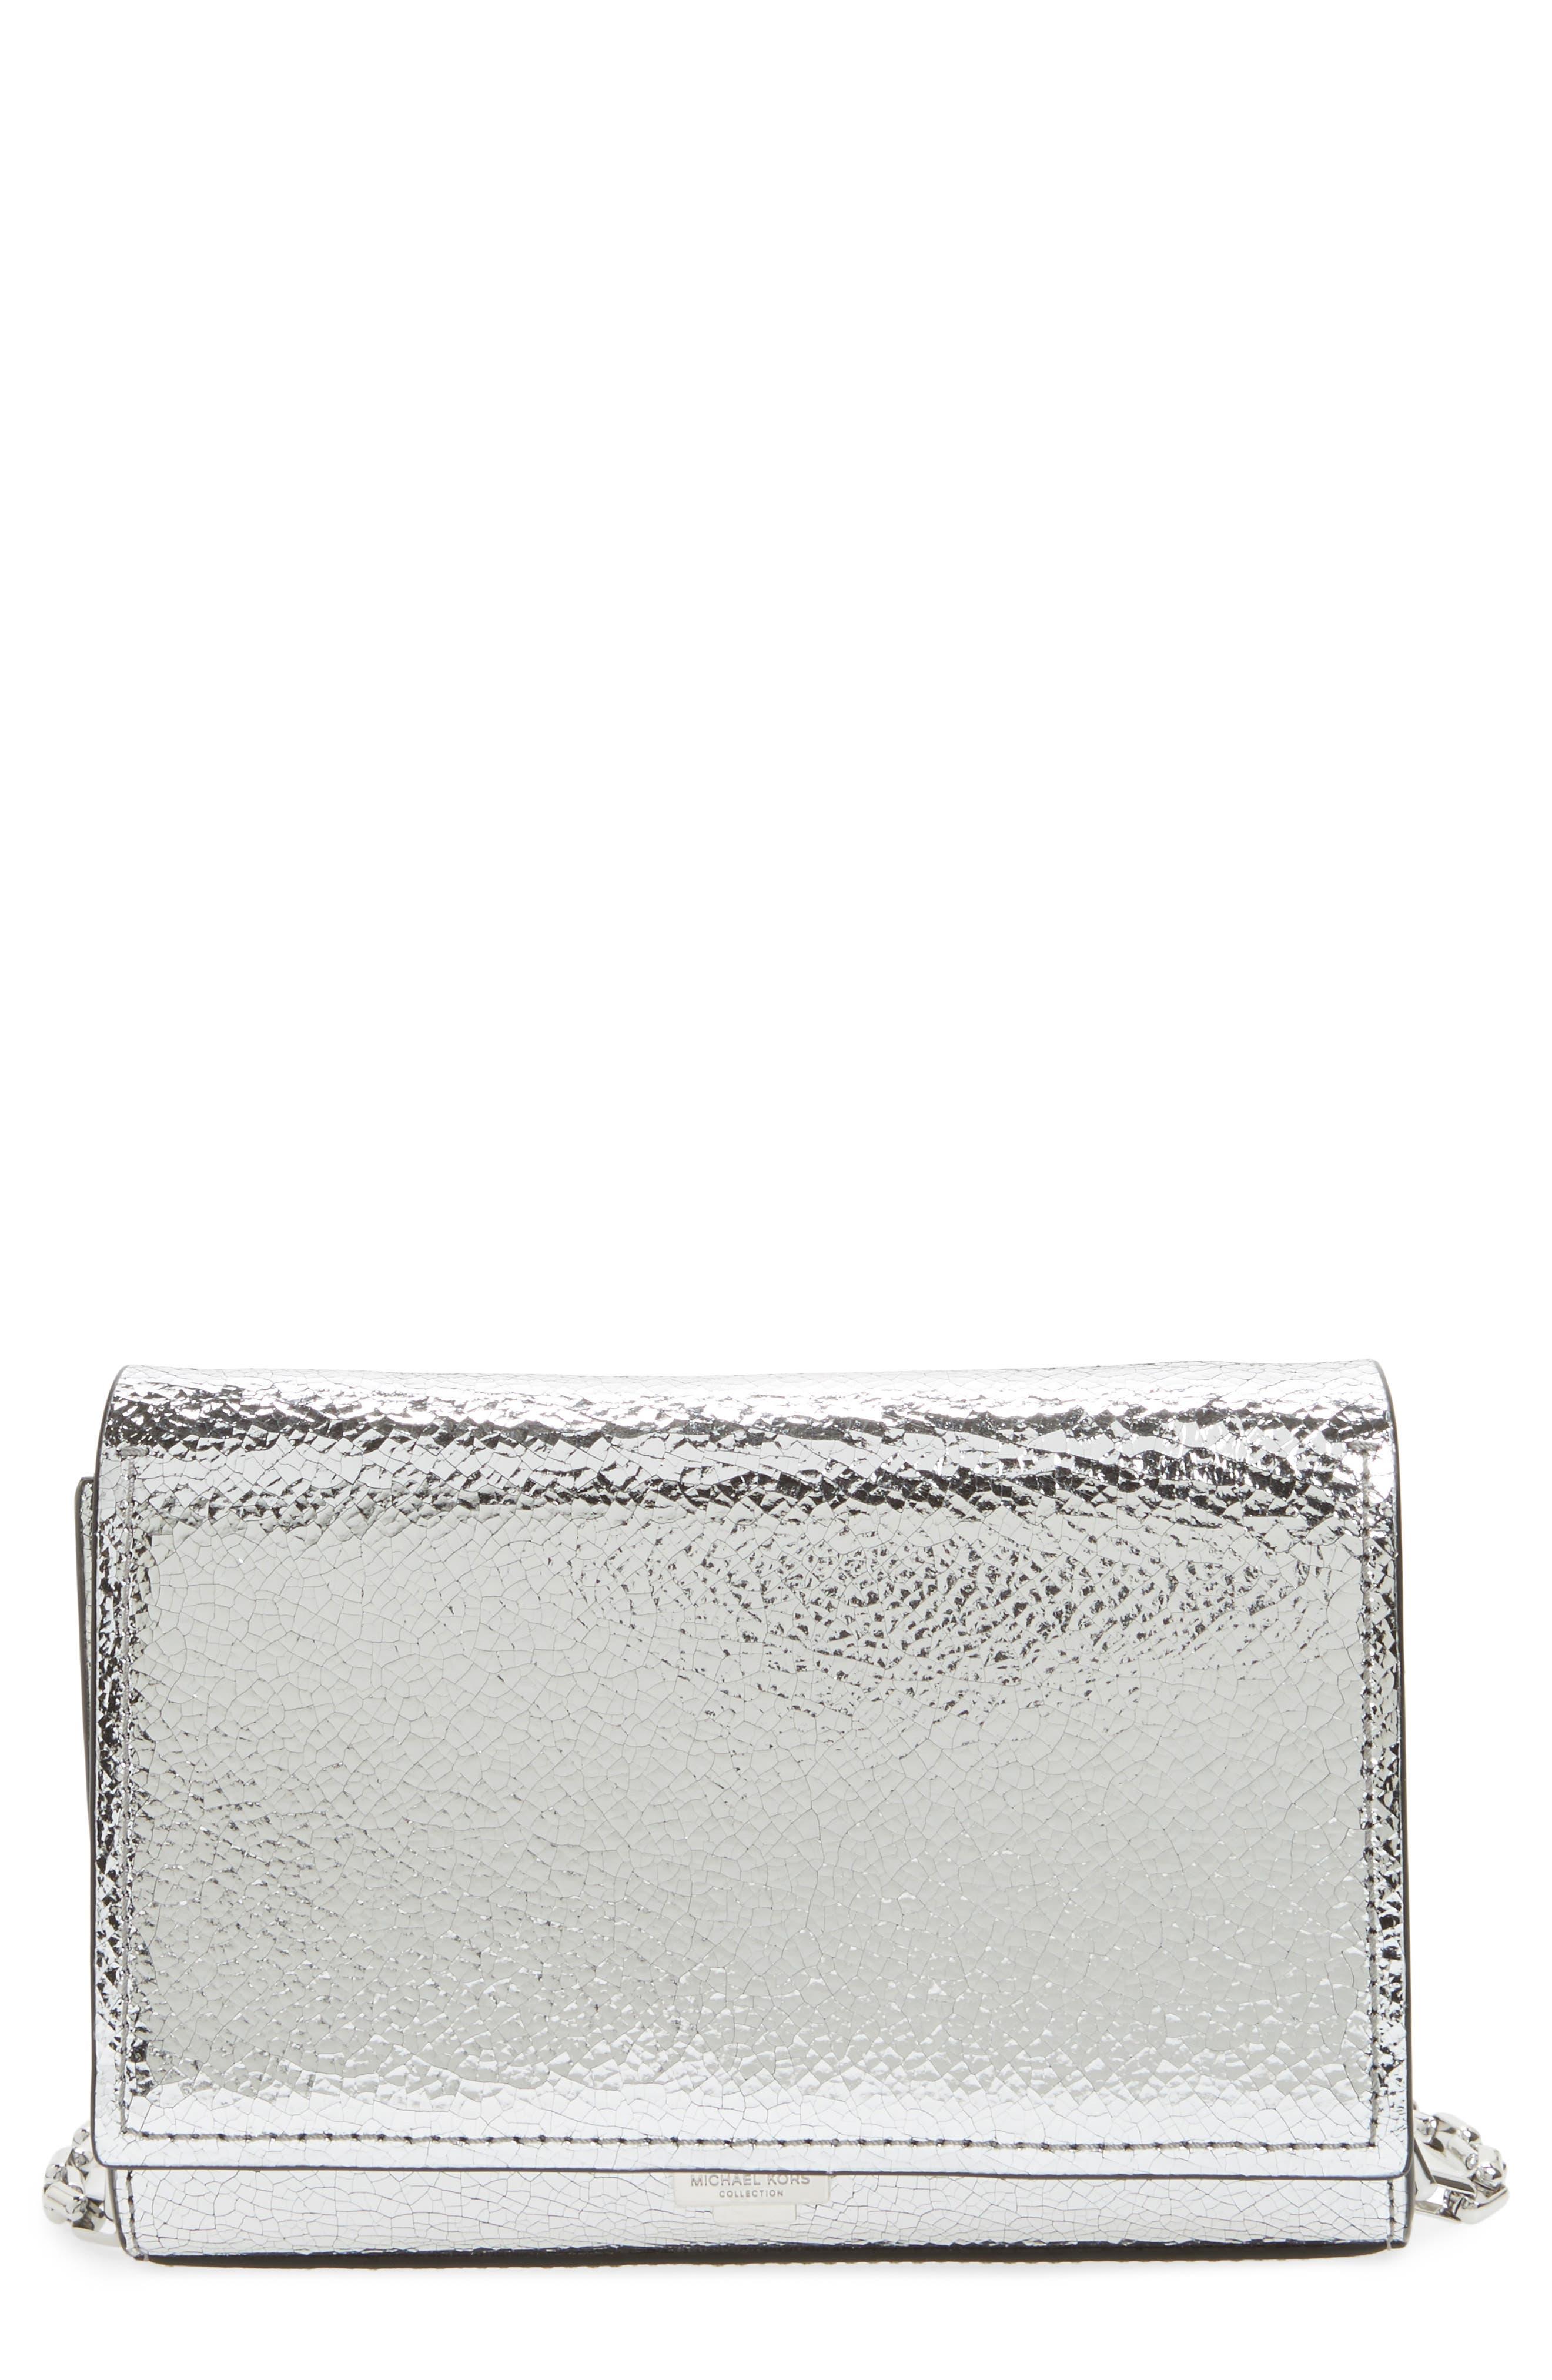 Michael Kors Yasmeen Small Metallic Leather Clutch